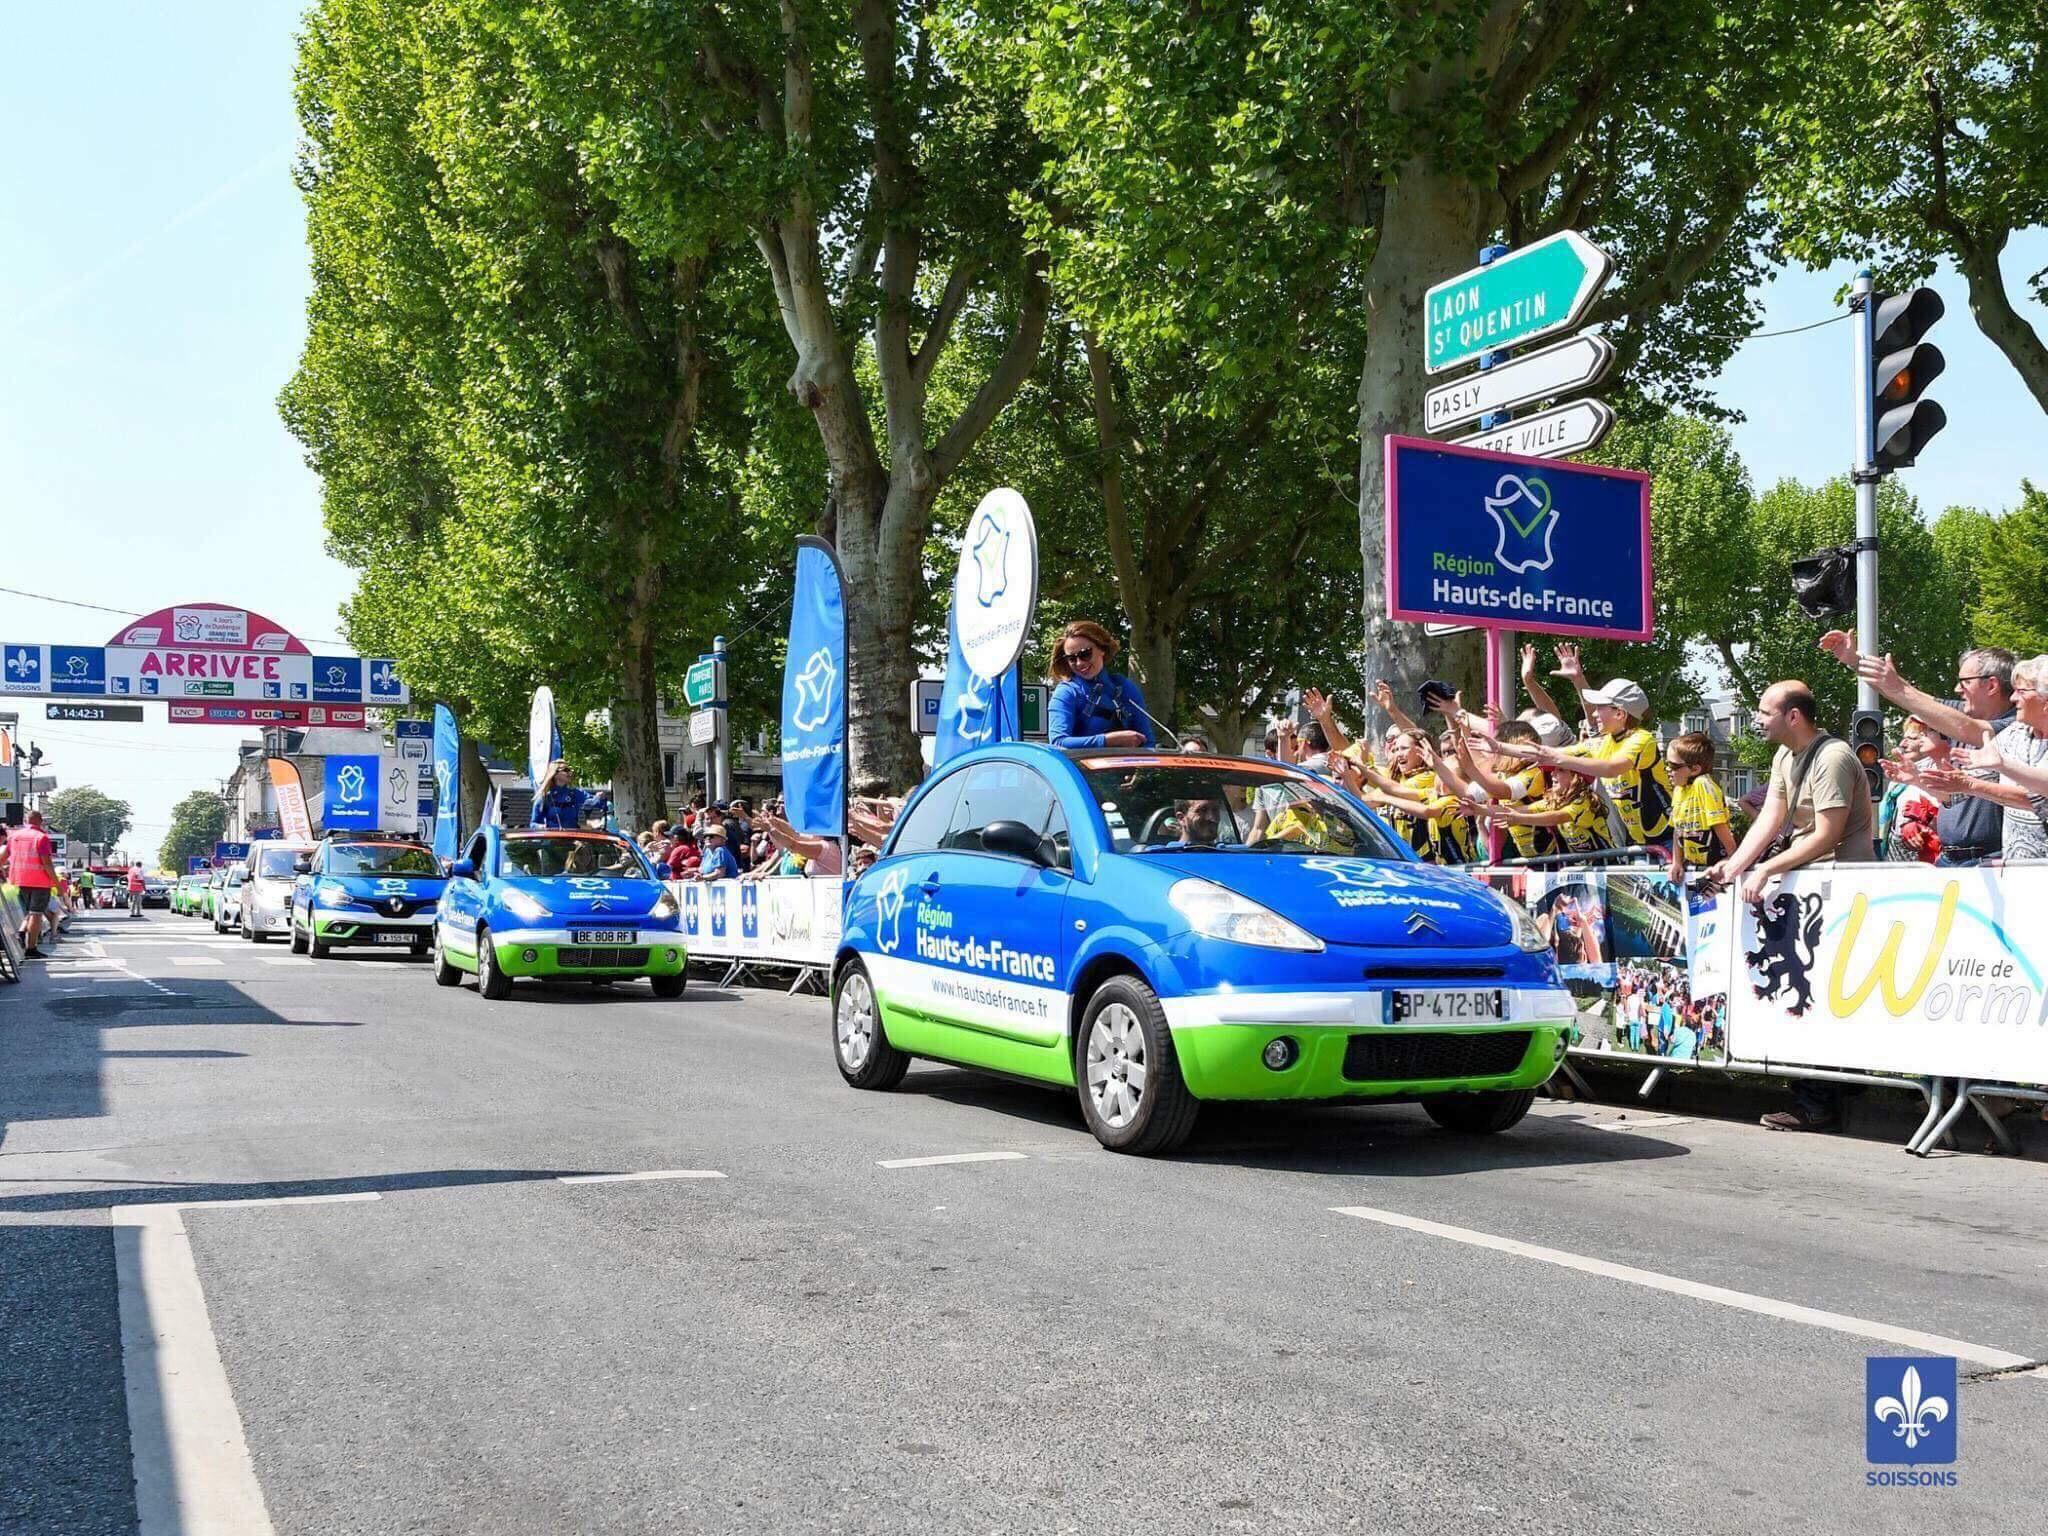 Promotion de la Région Hauts-de-France